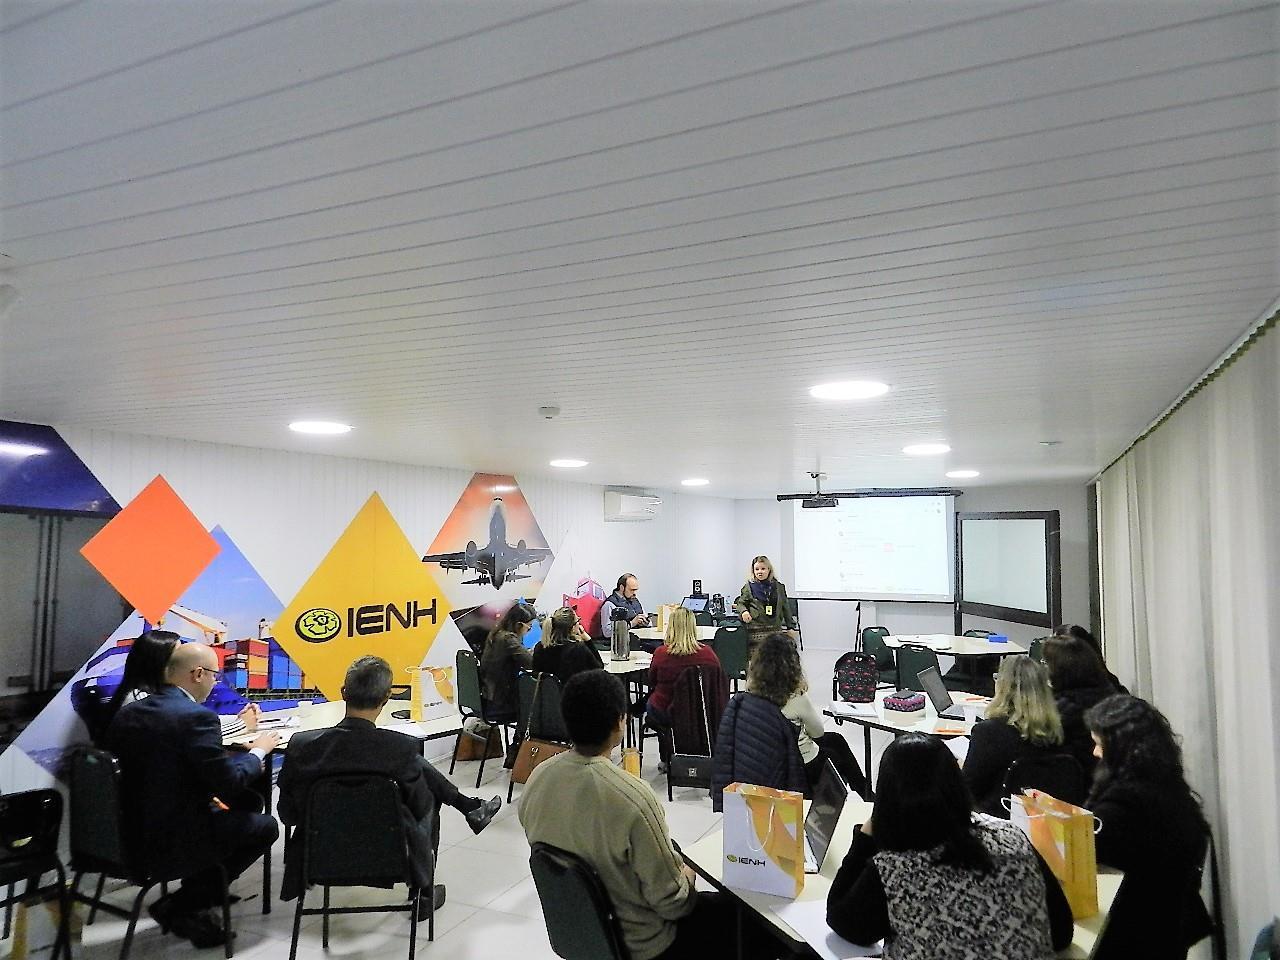 Inicia na Faculdade IENH o MBA em Gestão de Pessoas e Liderança Colaborativa